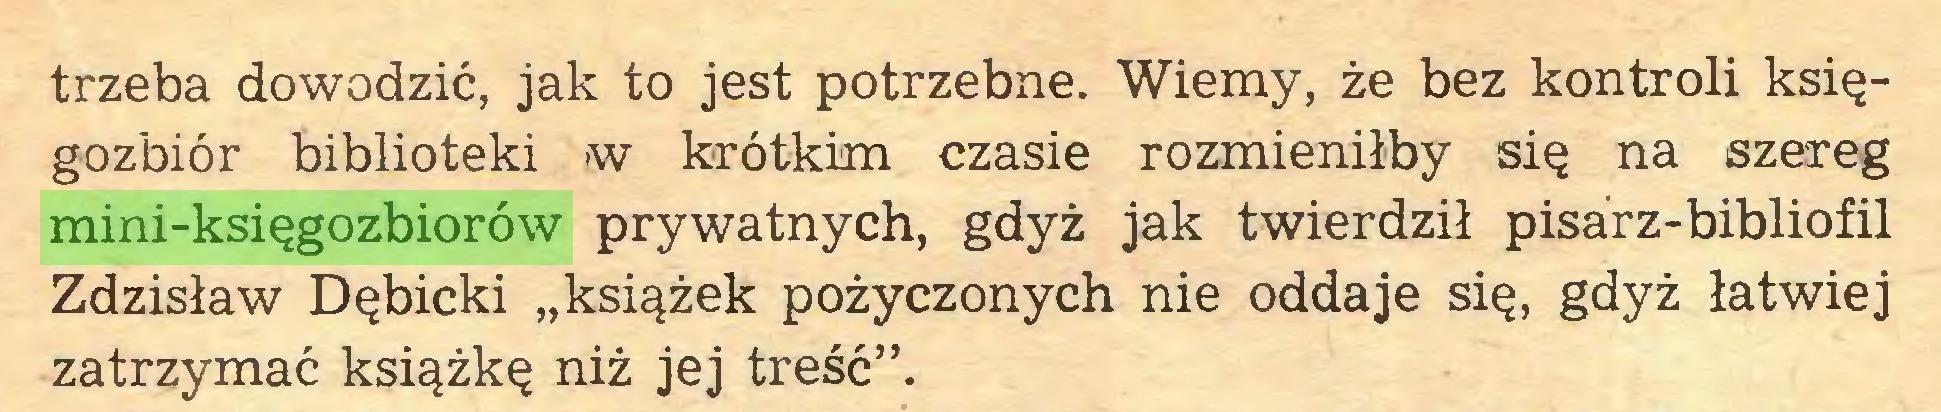 """(...) trzeba dowodzić, jak to jest potrzebne. Wiemy, że bez kontroli księgozbiór biblioteki »w krótkim czasie rozmieniłby się na szereg mini-księgozbiorów prywatnych, gdyż jak twierdził pisarz-bibliofil Zdzisław Dębicki """"książek pożyczonych nie oddaje się, gdyż łatwiej zatrzymać książkę niż jej treść""""..."""